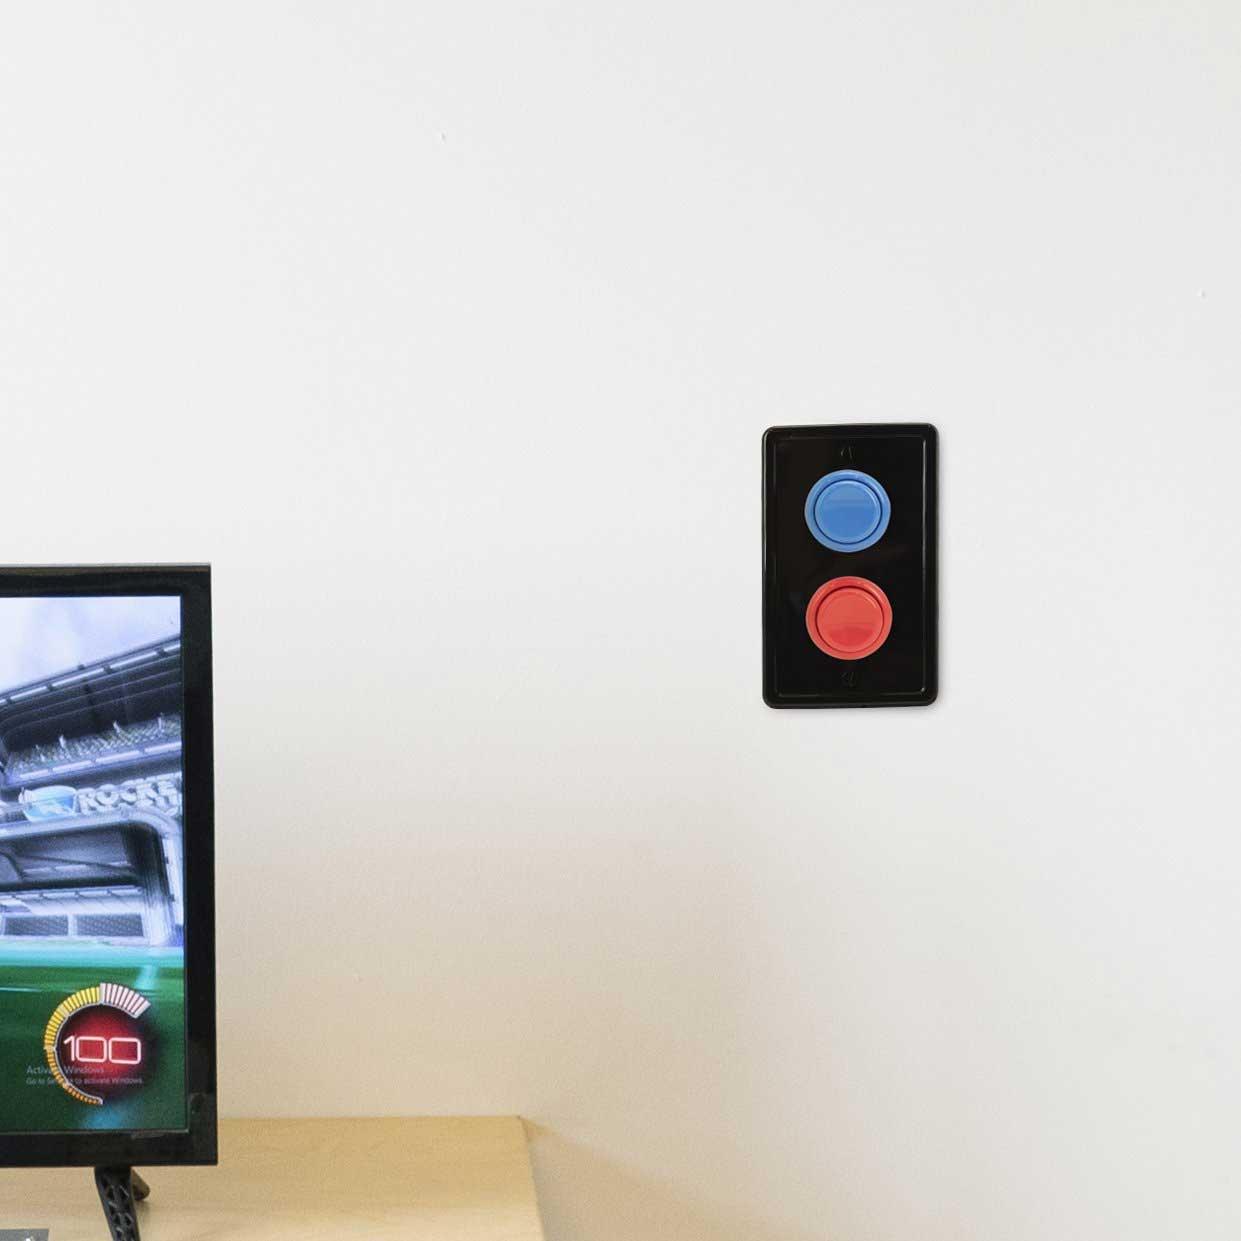 Dieses Verkleidung macht Arcade Buttons aus Lichtschaltern Arcade-buttons-lichtschalterverkleidung_03